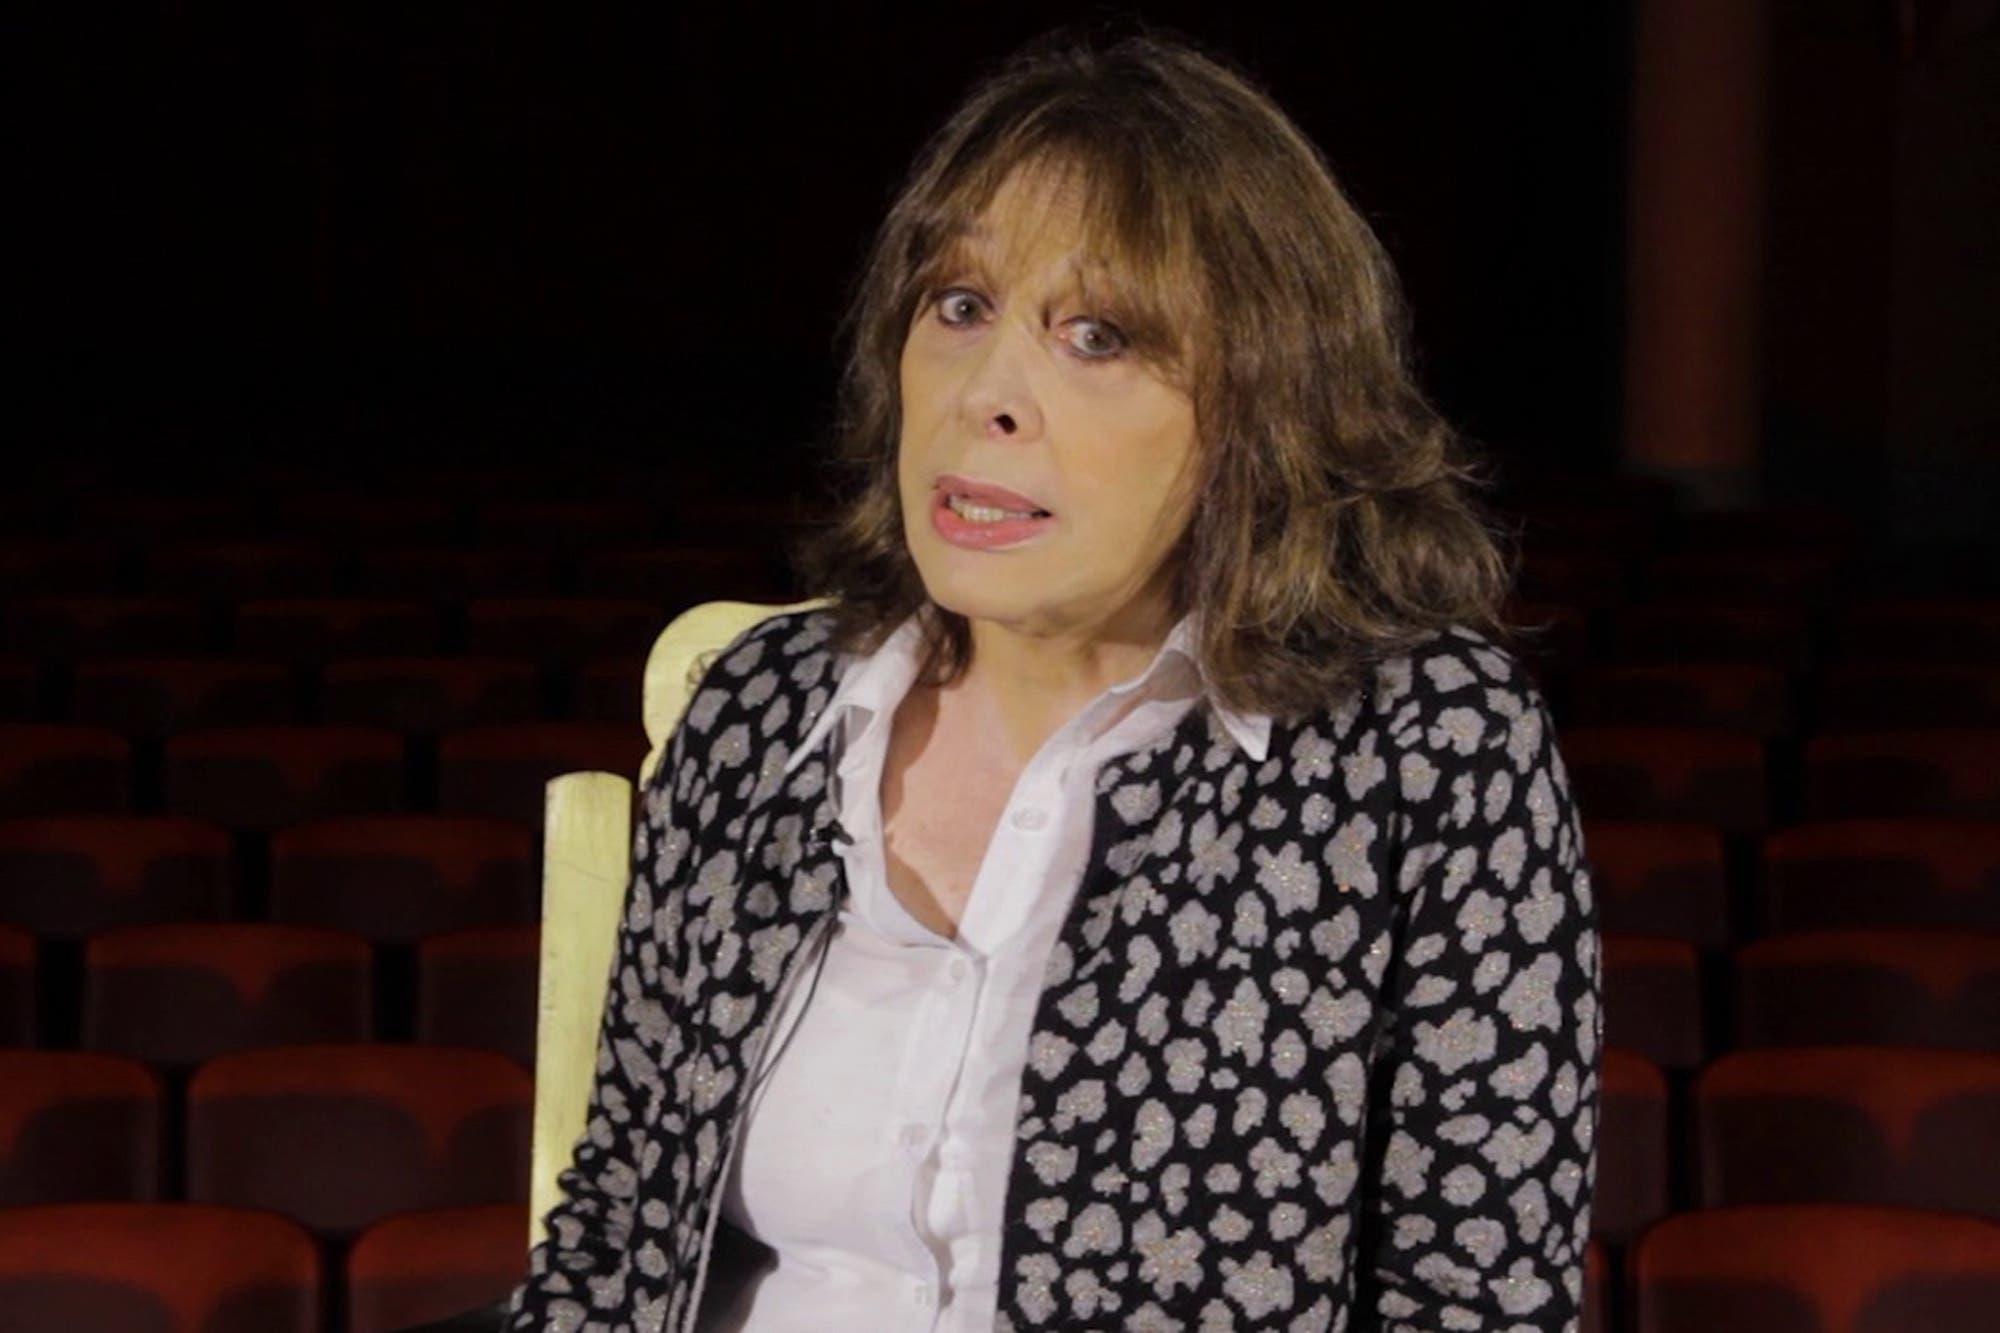 Thelma Biral cuestionó la denuncia de Actrices Argentinas contra Juan Darthés